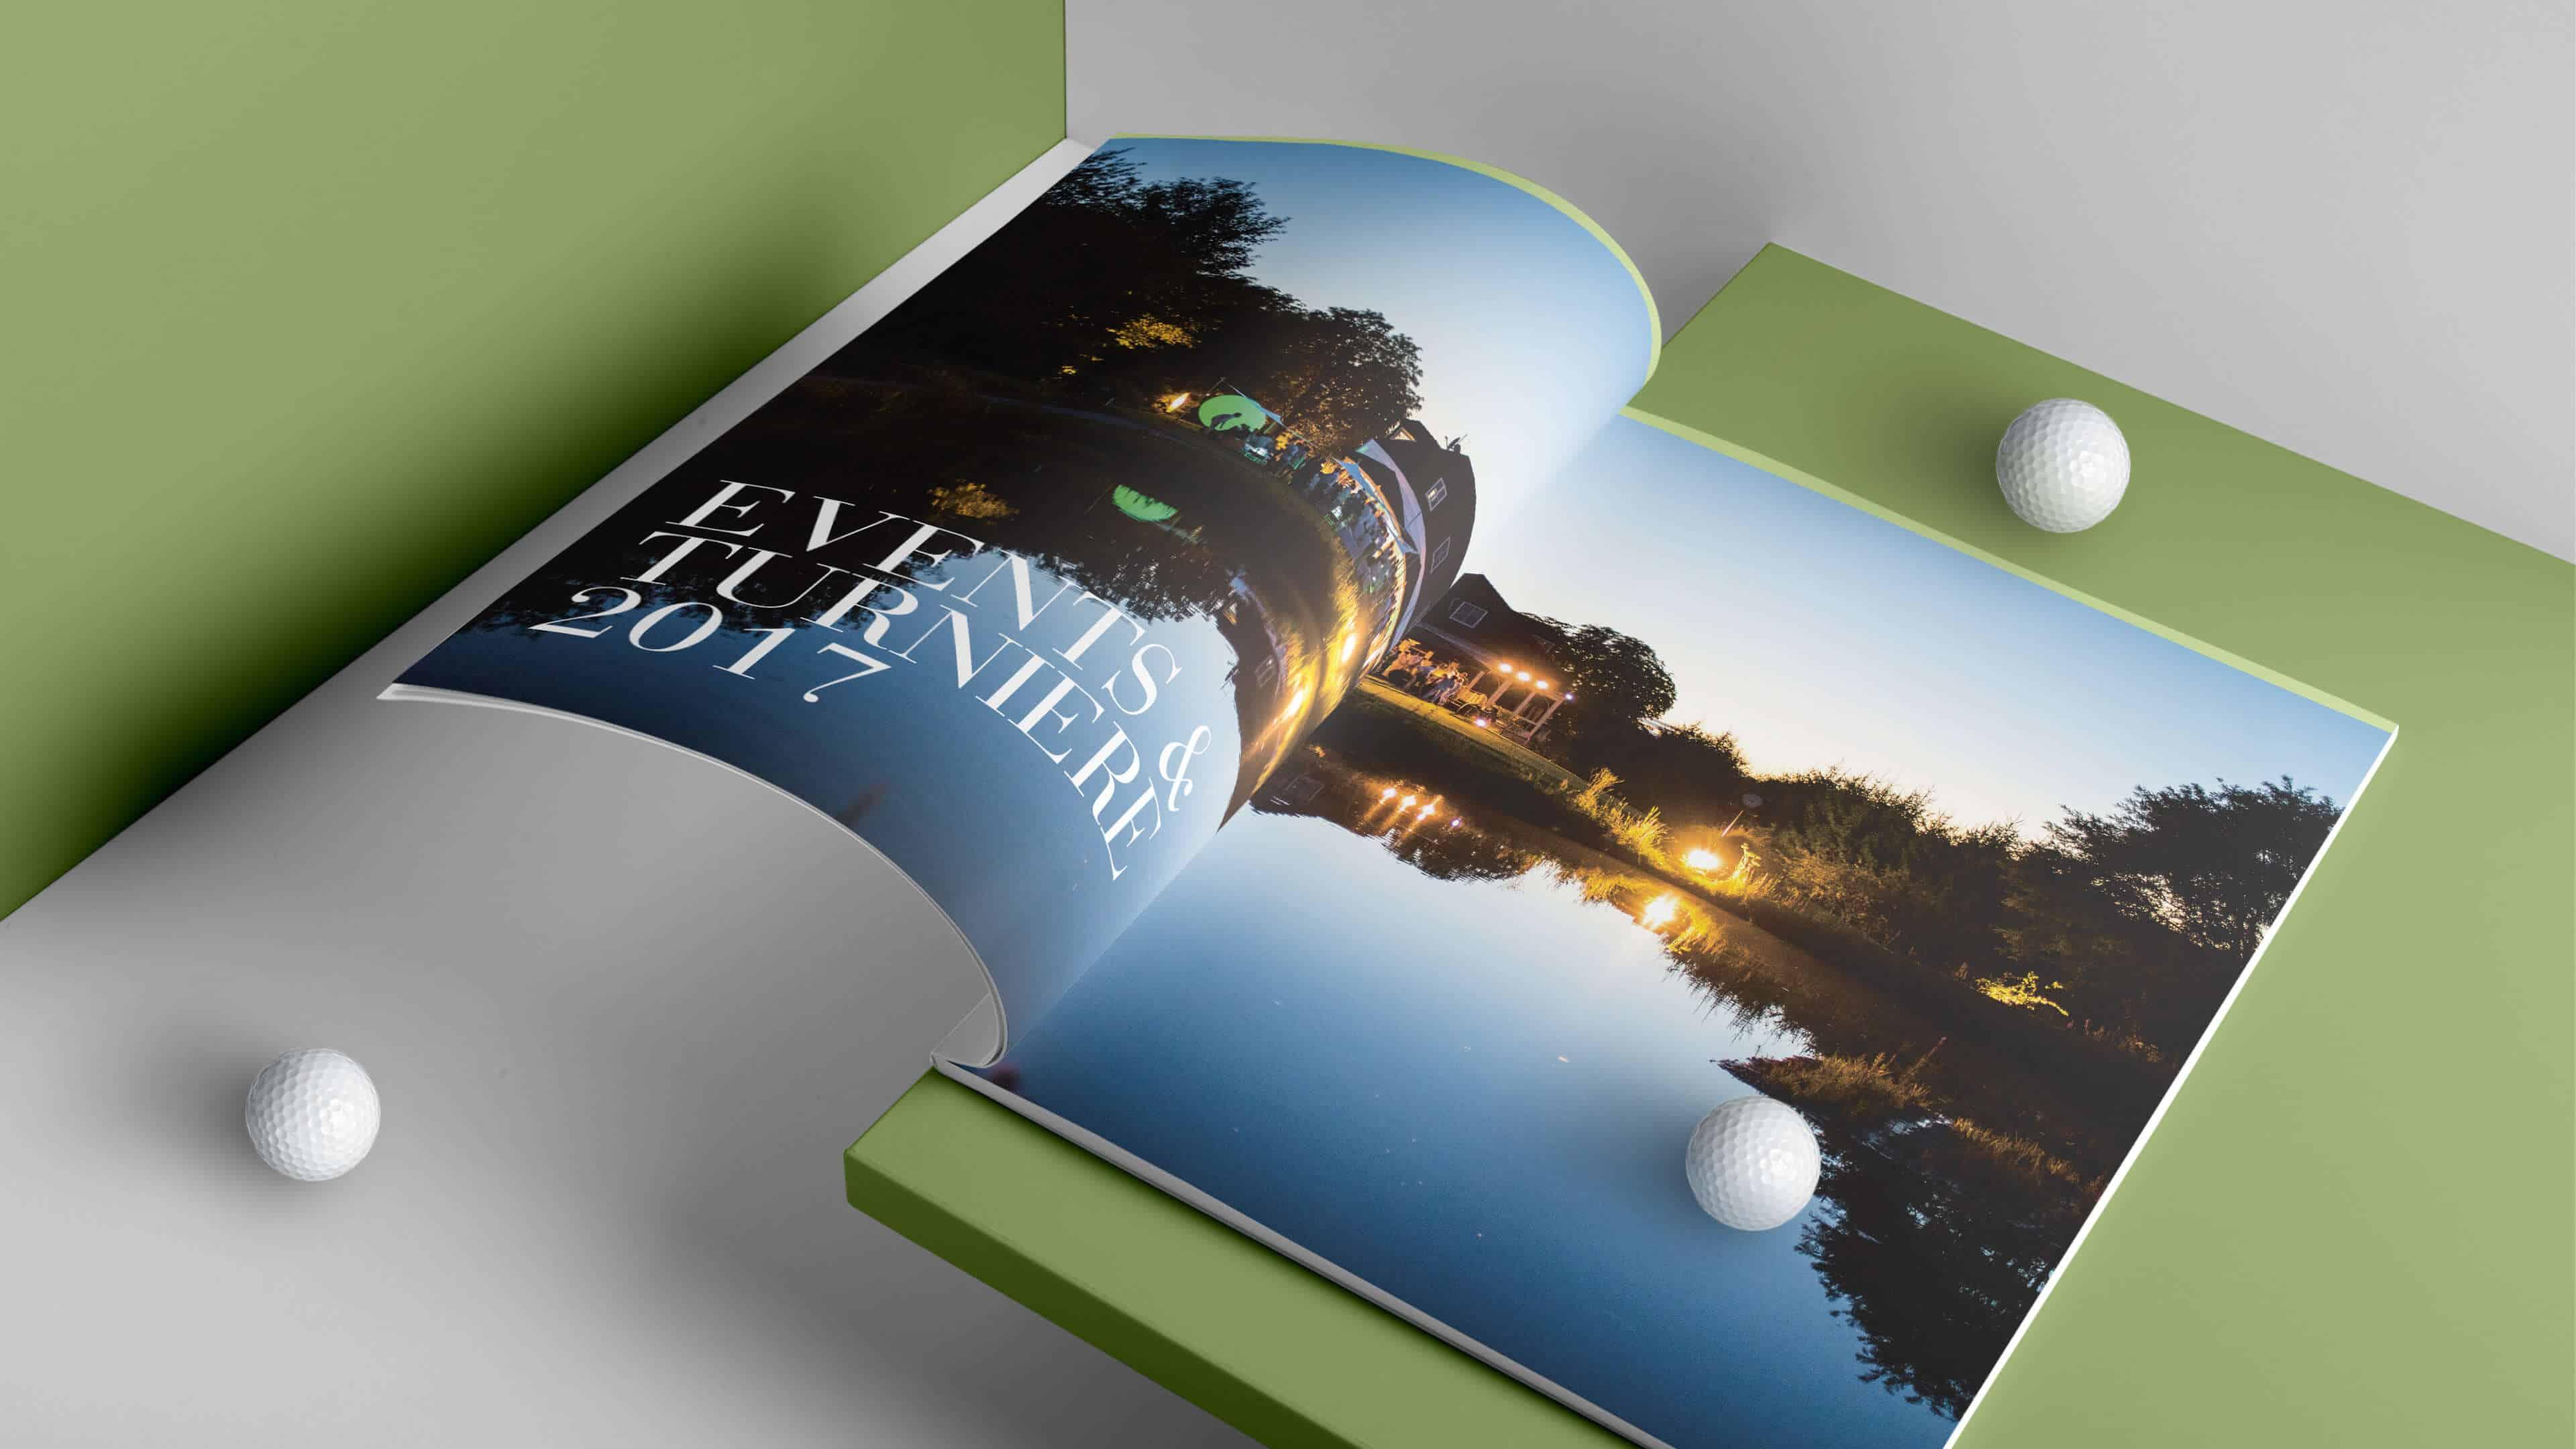 Golfclub-Jahrbuch-Innenseite-2